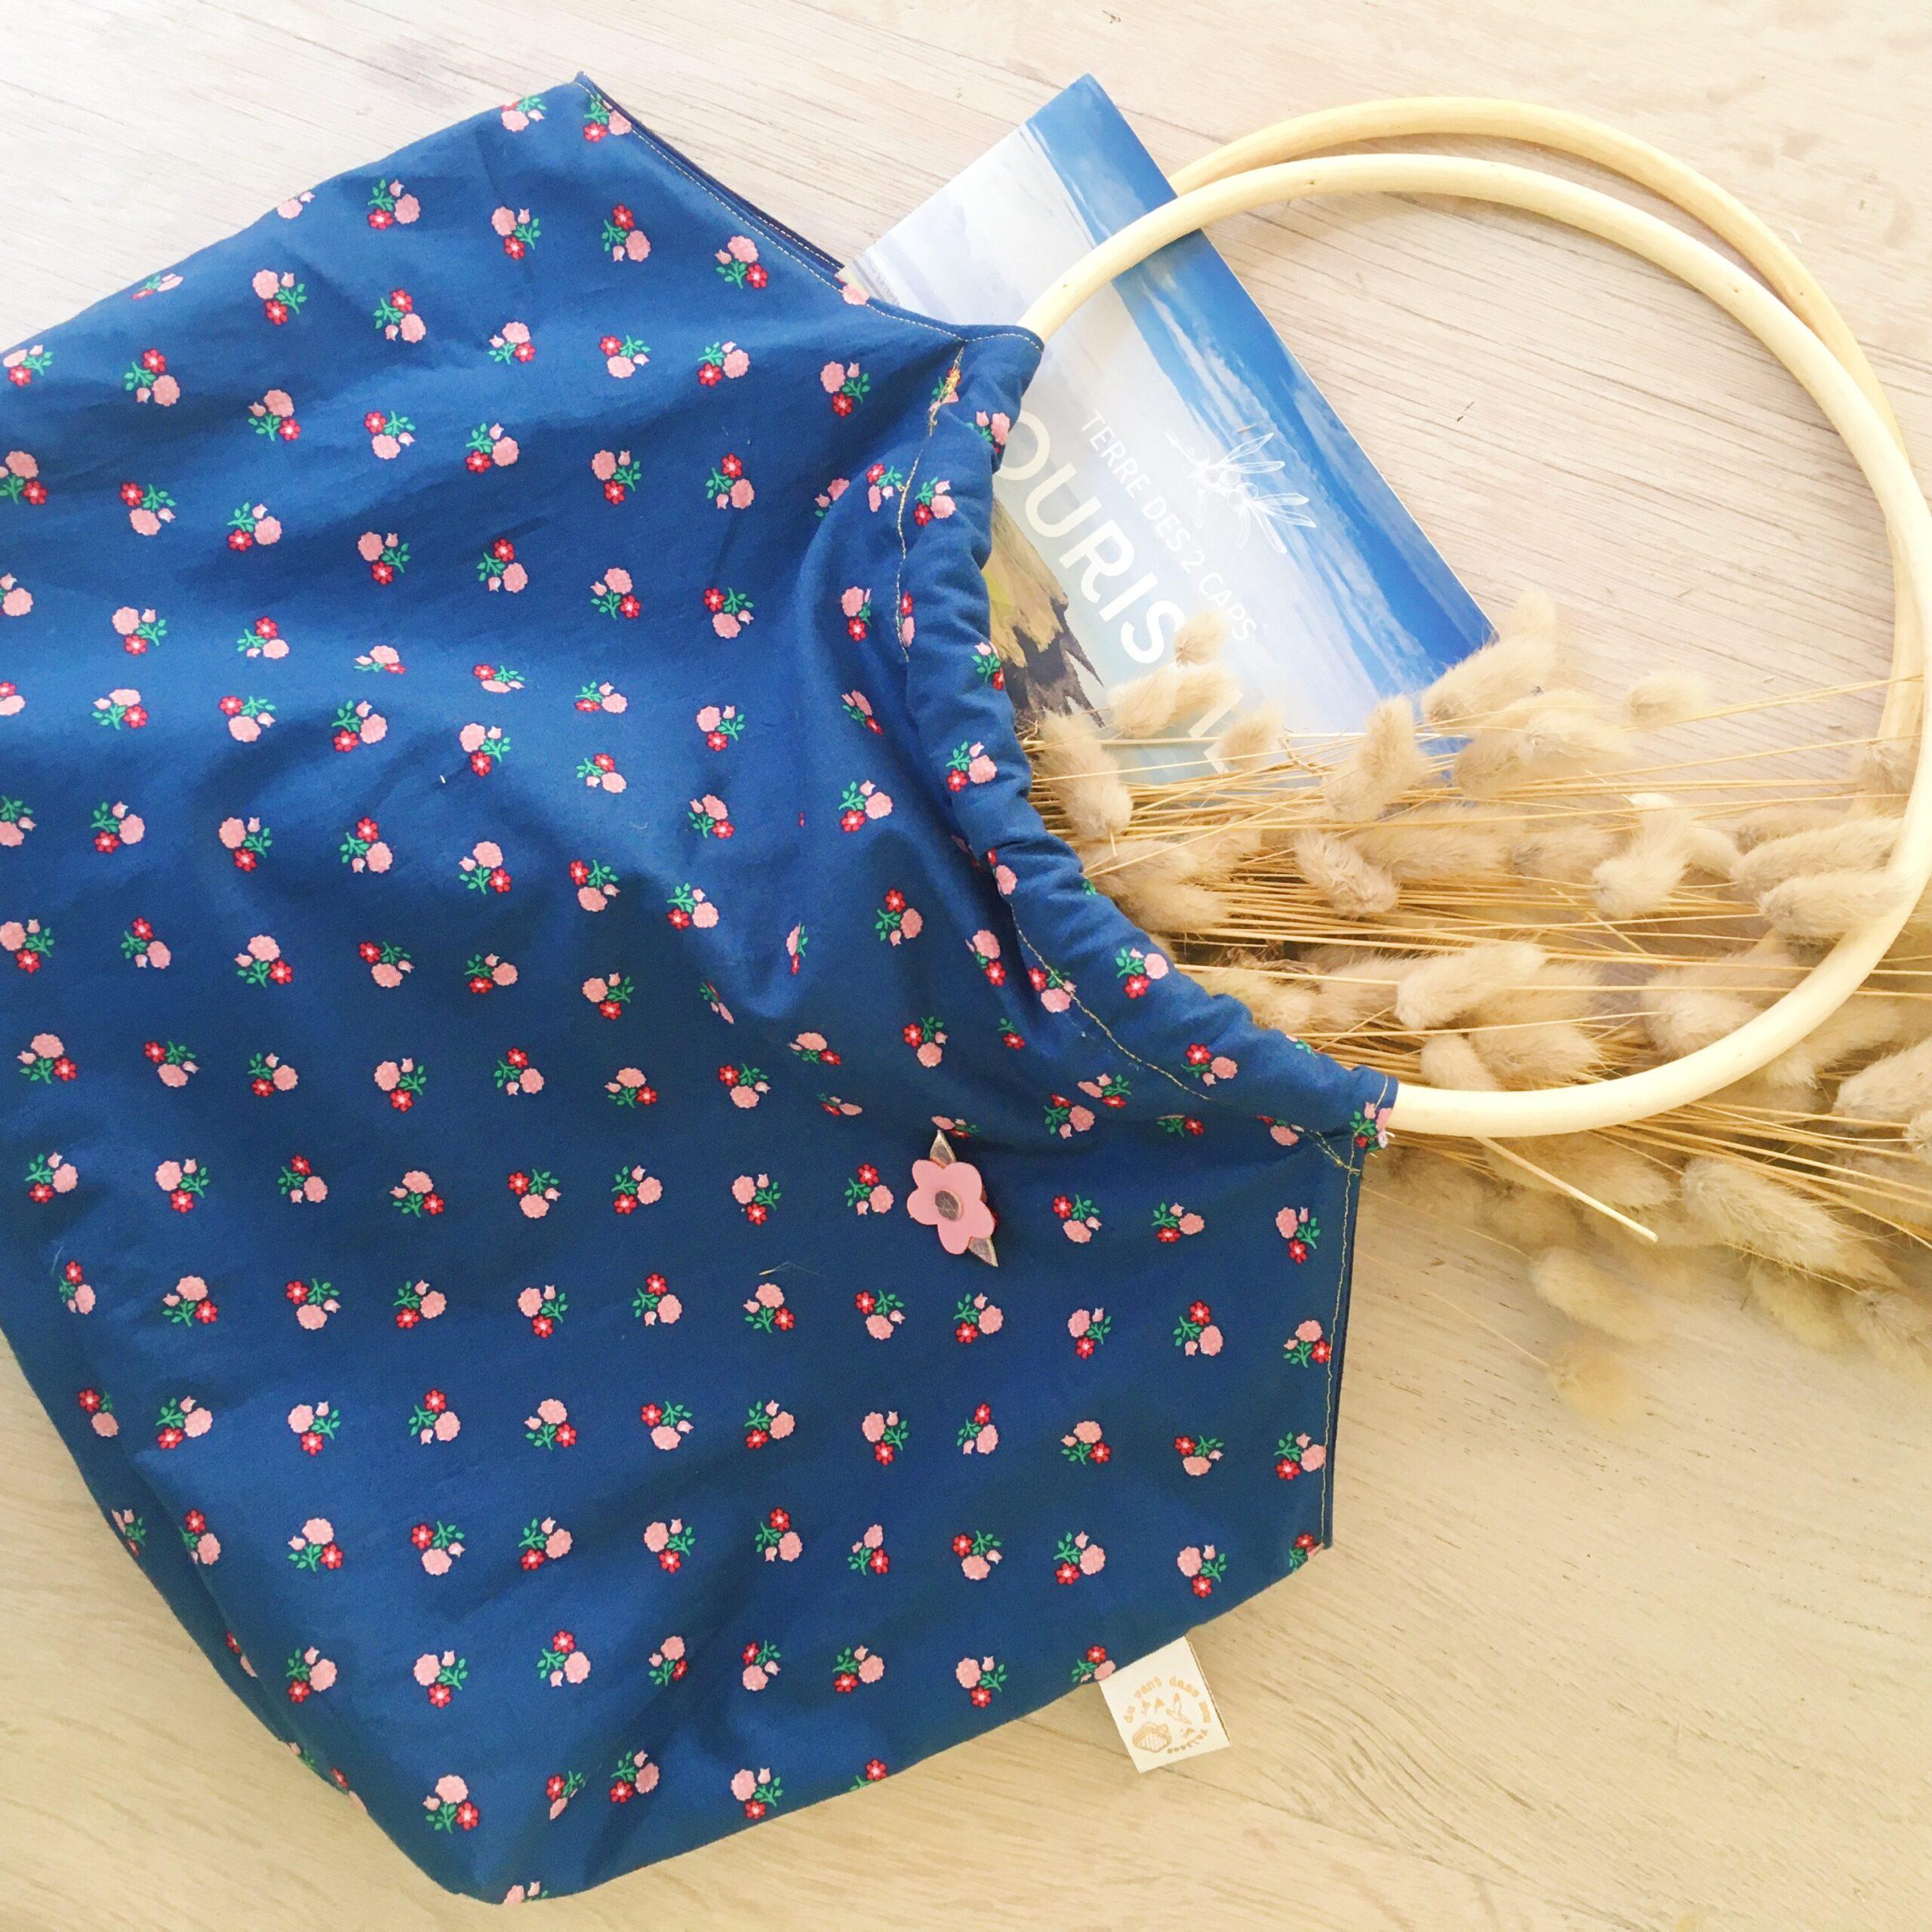 sac rétro anses cercles de rotin, fabrication artisanale française - du vent dans mes valises